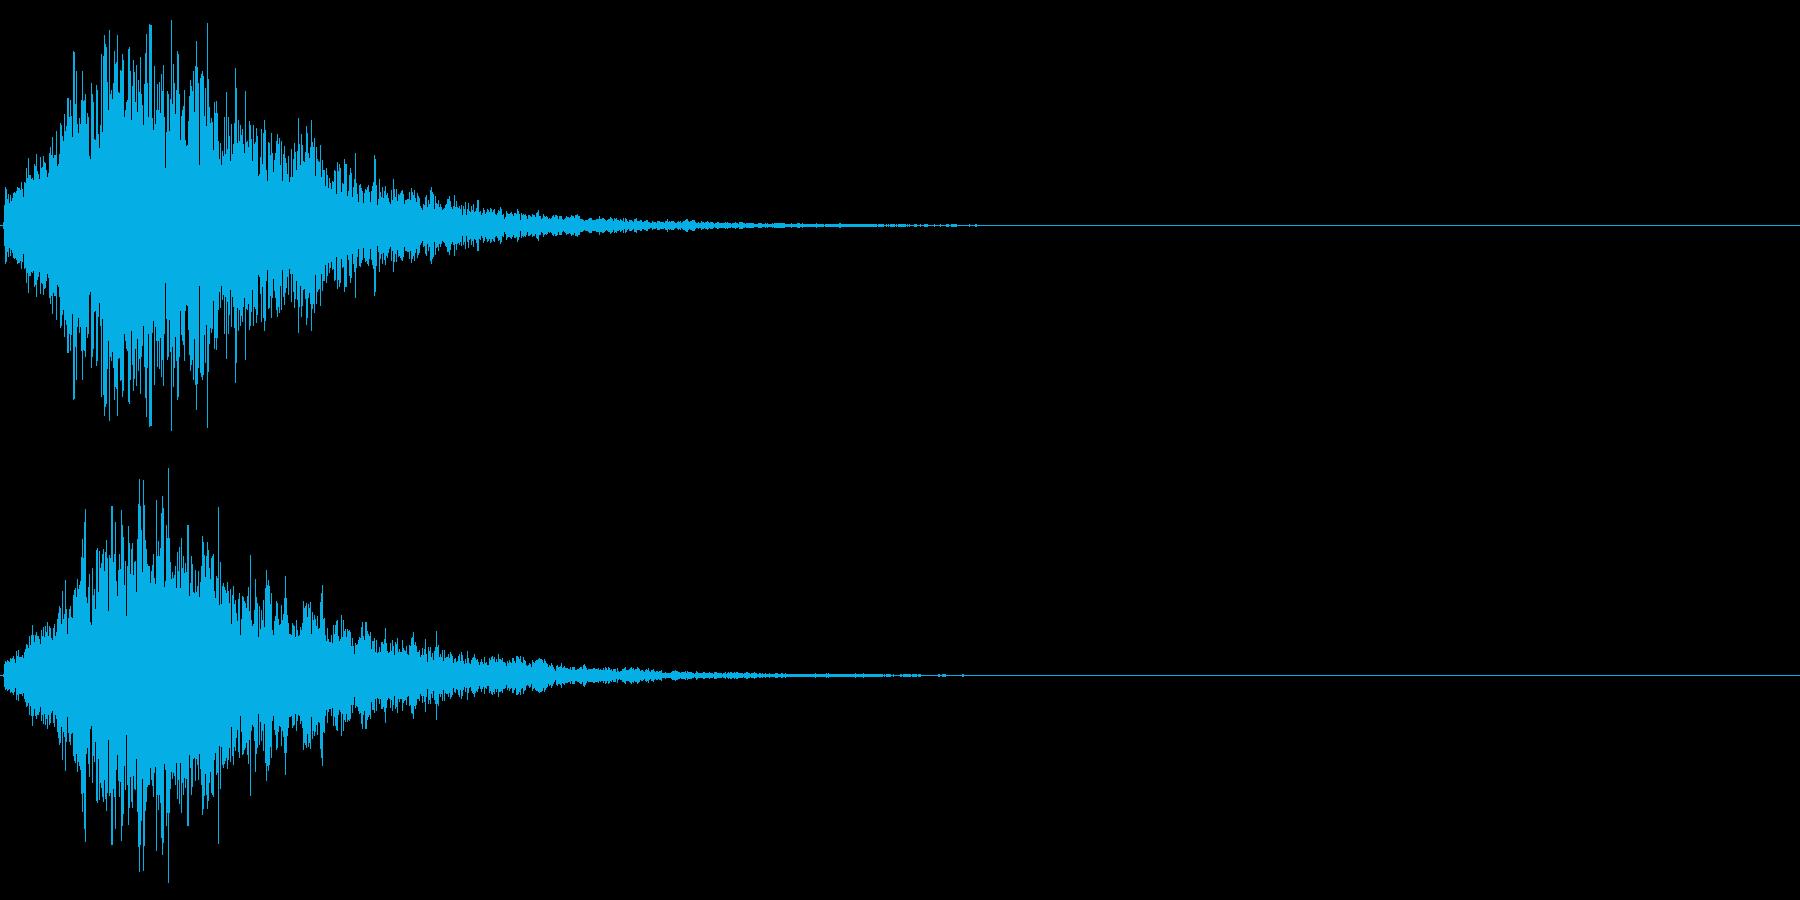 ゲームスタート、決定、ボタン音-082の再生済みの波形